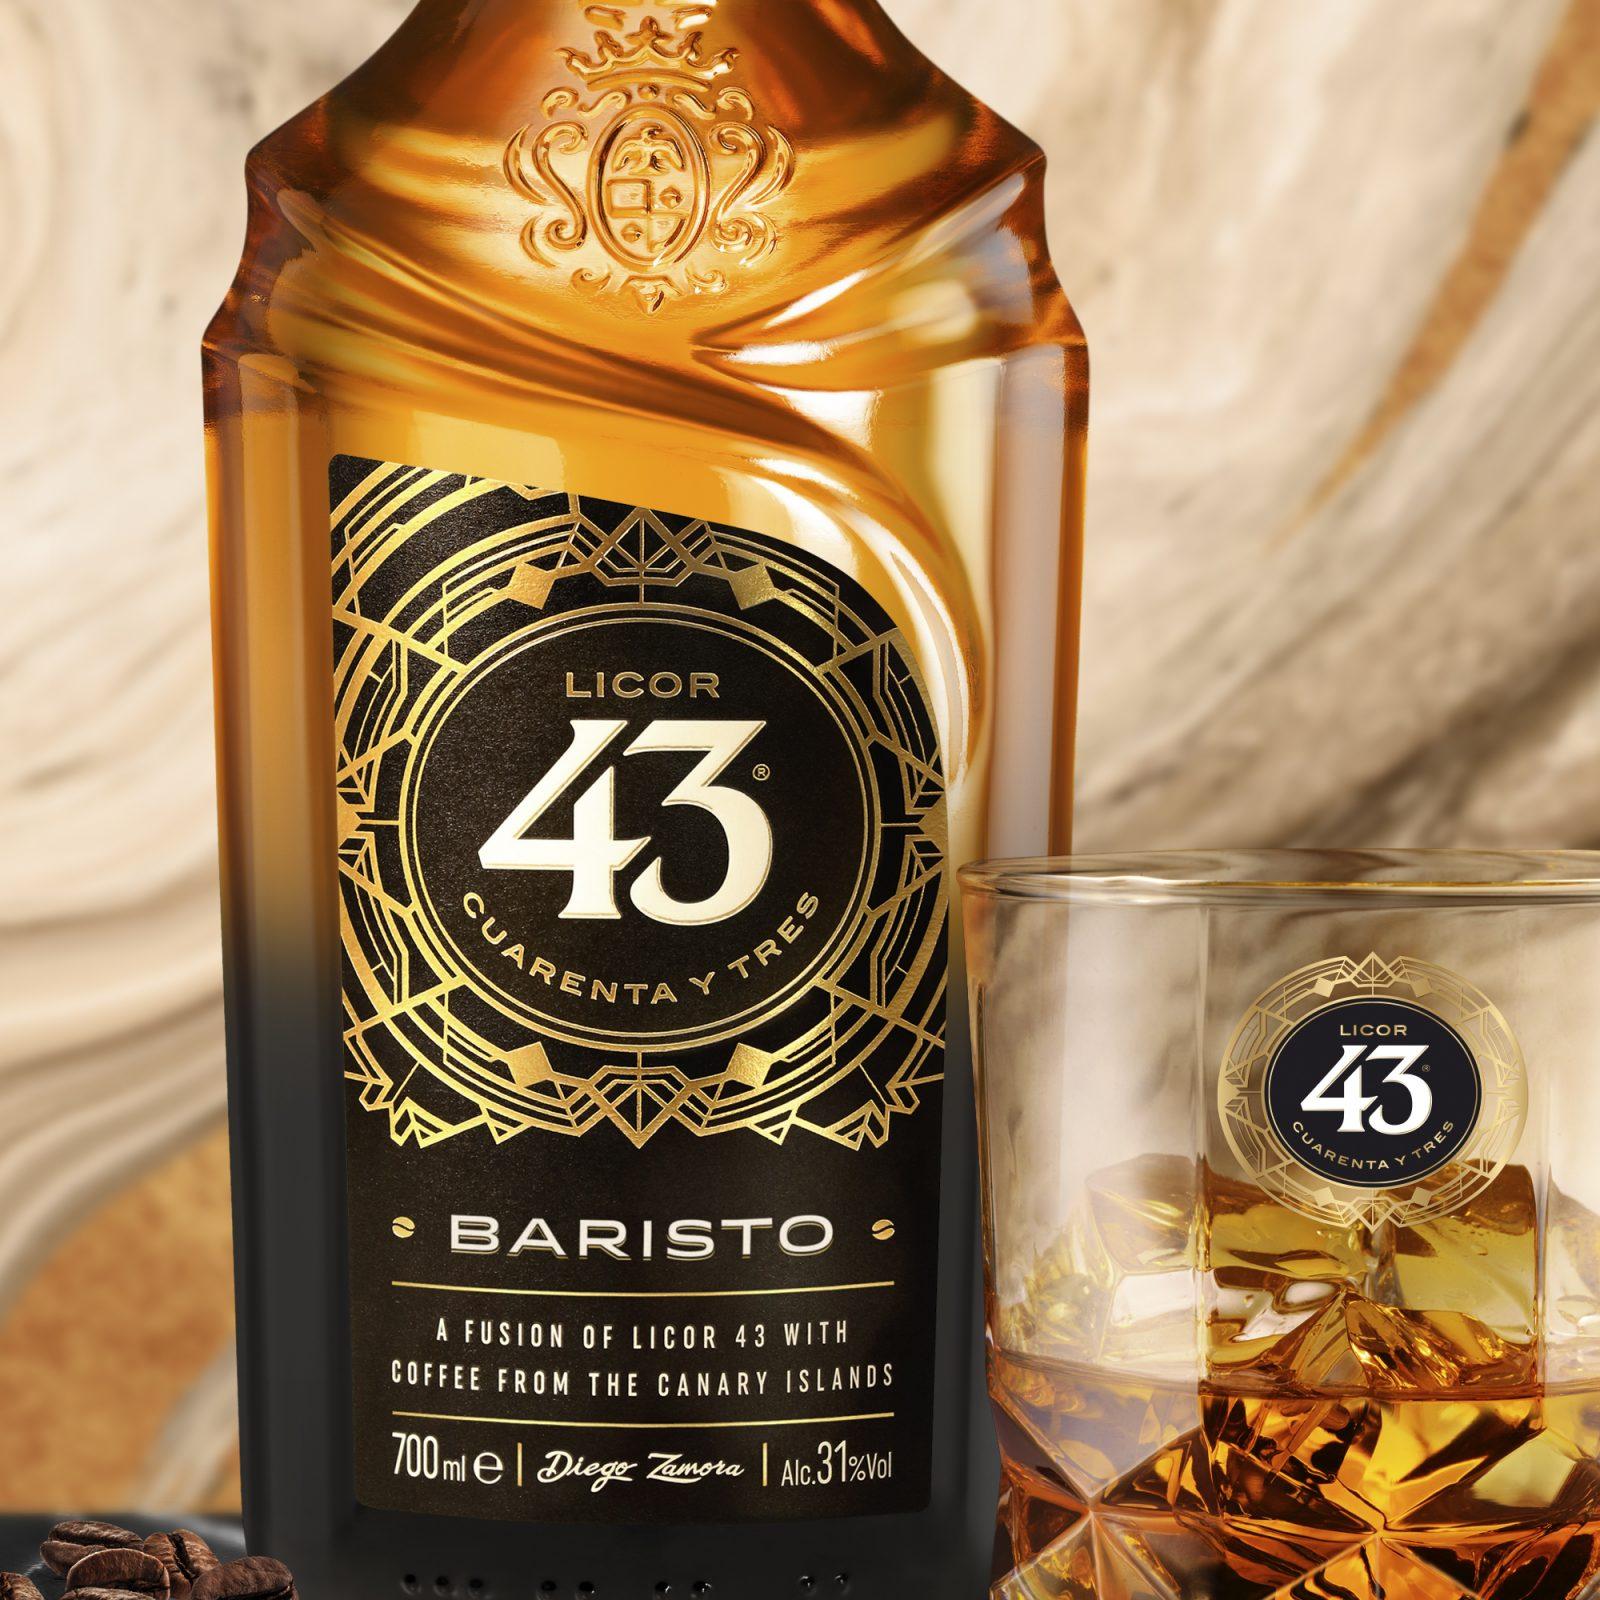 PRESENTAMOS LICOR 43 BARISTO